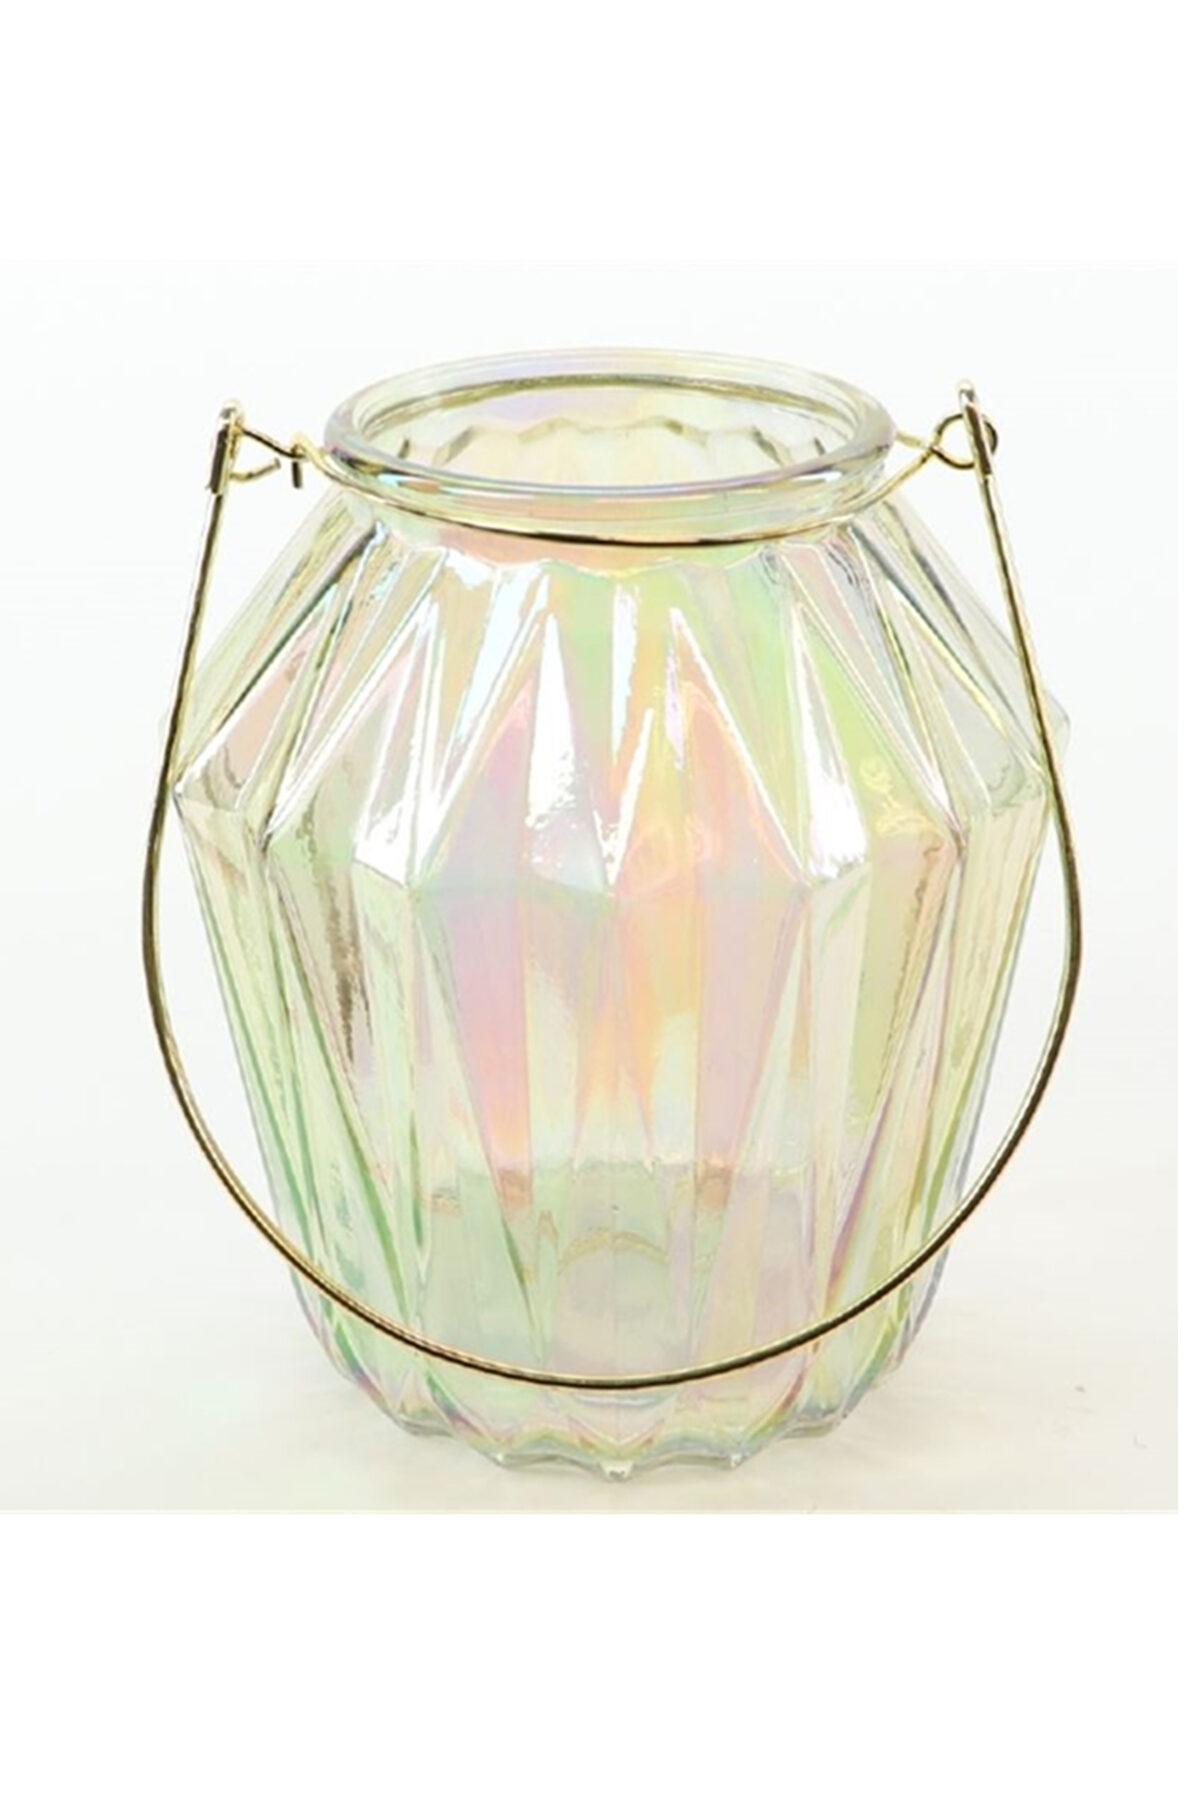 Portacandele porta t-light in vetro oro iridescente con manico d. 13 h. 16 cm